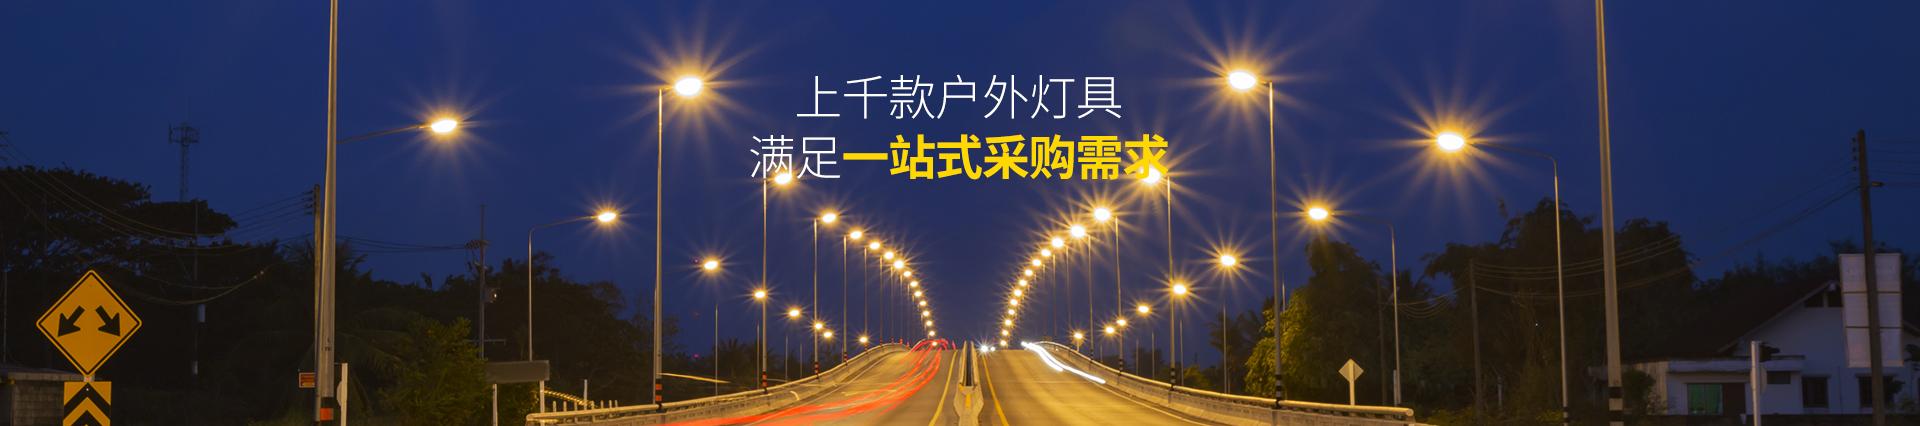 鑫永虹  一站式路灯工程厂家